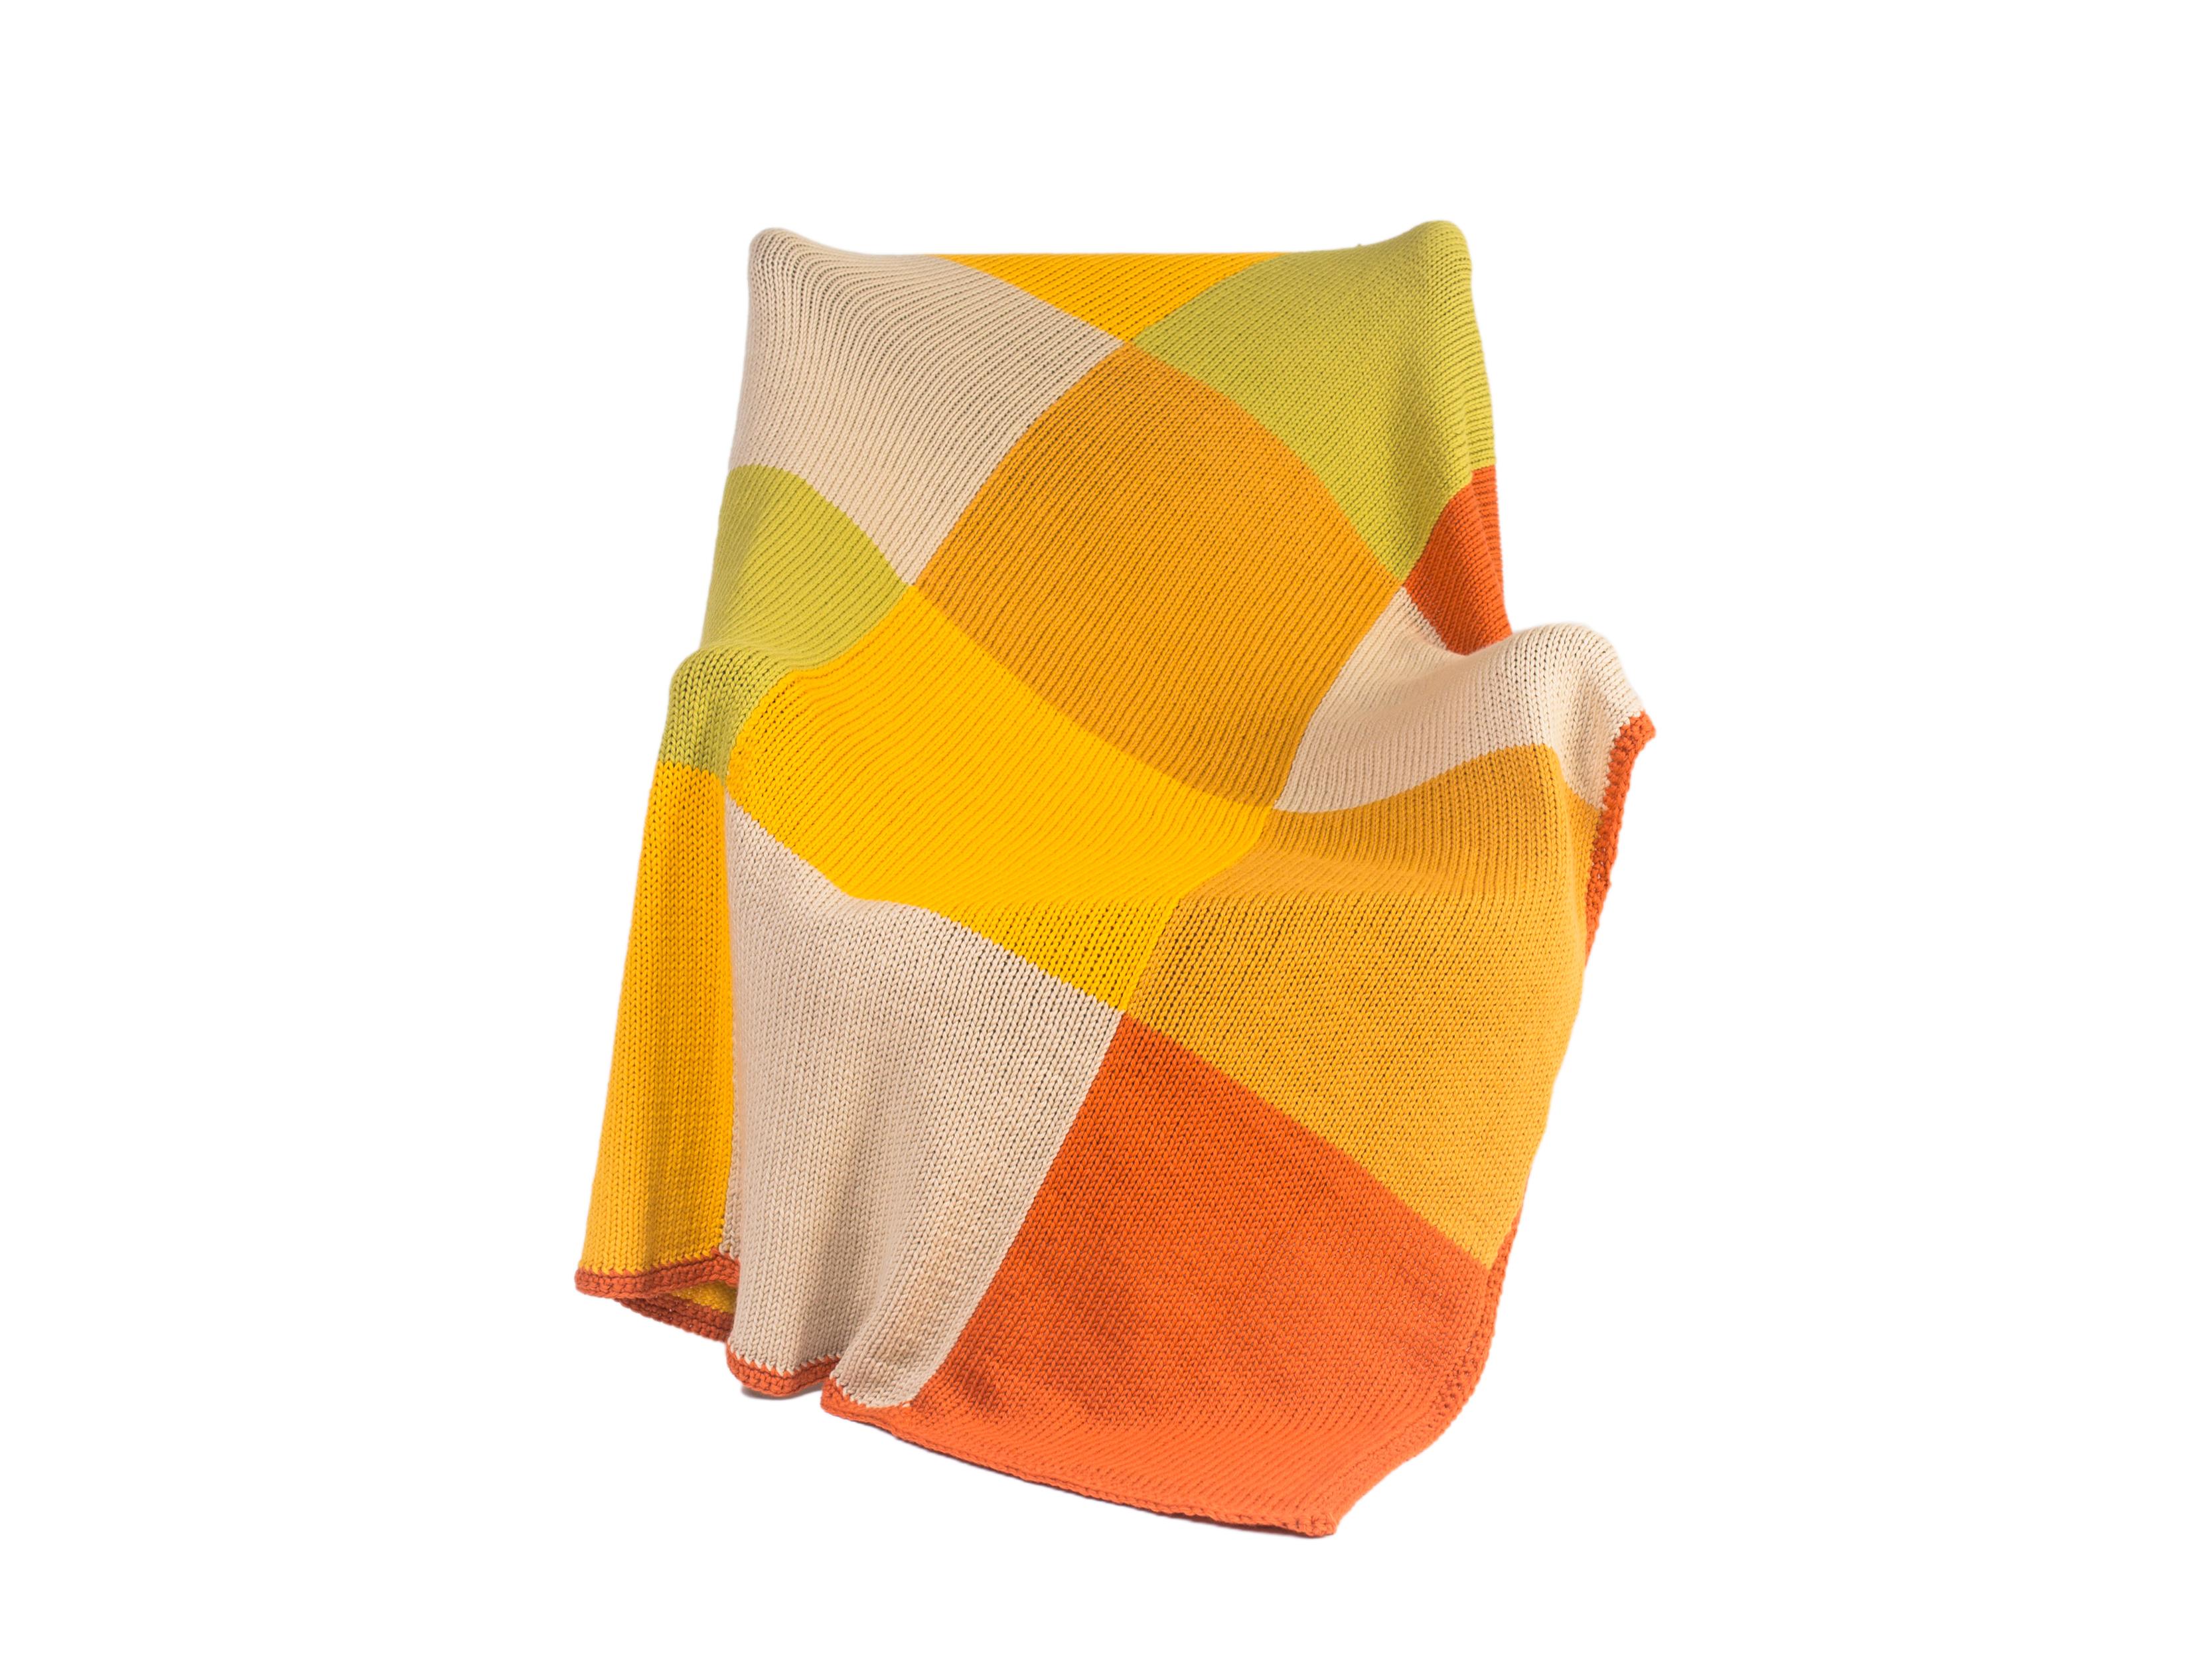 Плед VolgaПледы со смешанным составом<br>Волга - вязаный плед ручной работы - сделан из высококачественных материалов в Барселоне, Испания. Удобная и красивая, эта вещь в традиционном стиле добавит комфорта и уюта любому домашнему декору. Будь то прохладный вечер, дождливый день или ветреный полдень, этот мягкий вязаный плед сохранит вас в тепле. &amp;amp;nbsp;&amp;lt;div&amp;gt;&amp;lt;br&amp;gt;&amp;lt;/div&amp;gt;&amp;lt;div&amp;gt;Состав: 55% шерсть мериноса / 45% акрил&amp;lt;/div&amp;gt;<br><br>Material: Шерсть<br>Ширина см: 125<br>Высота см: 160